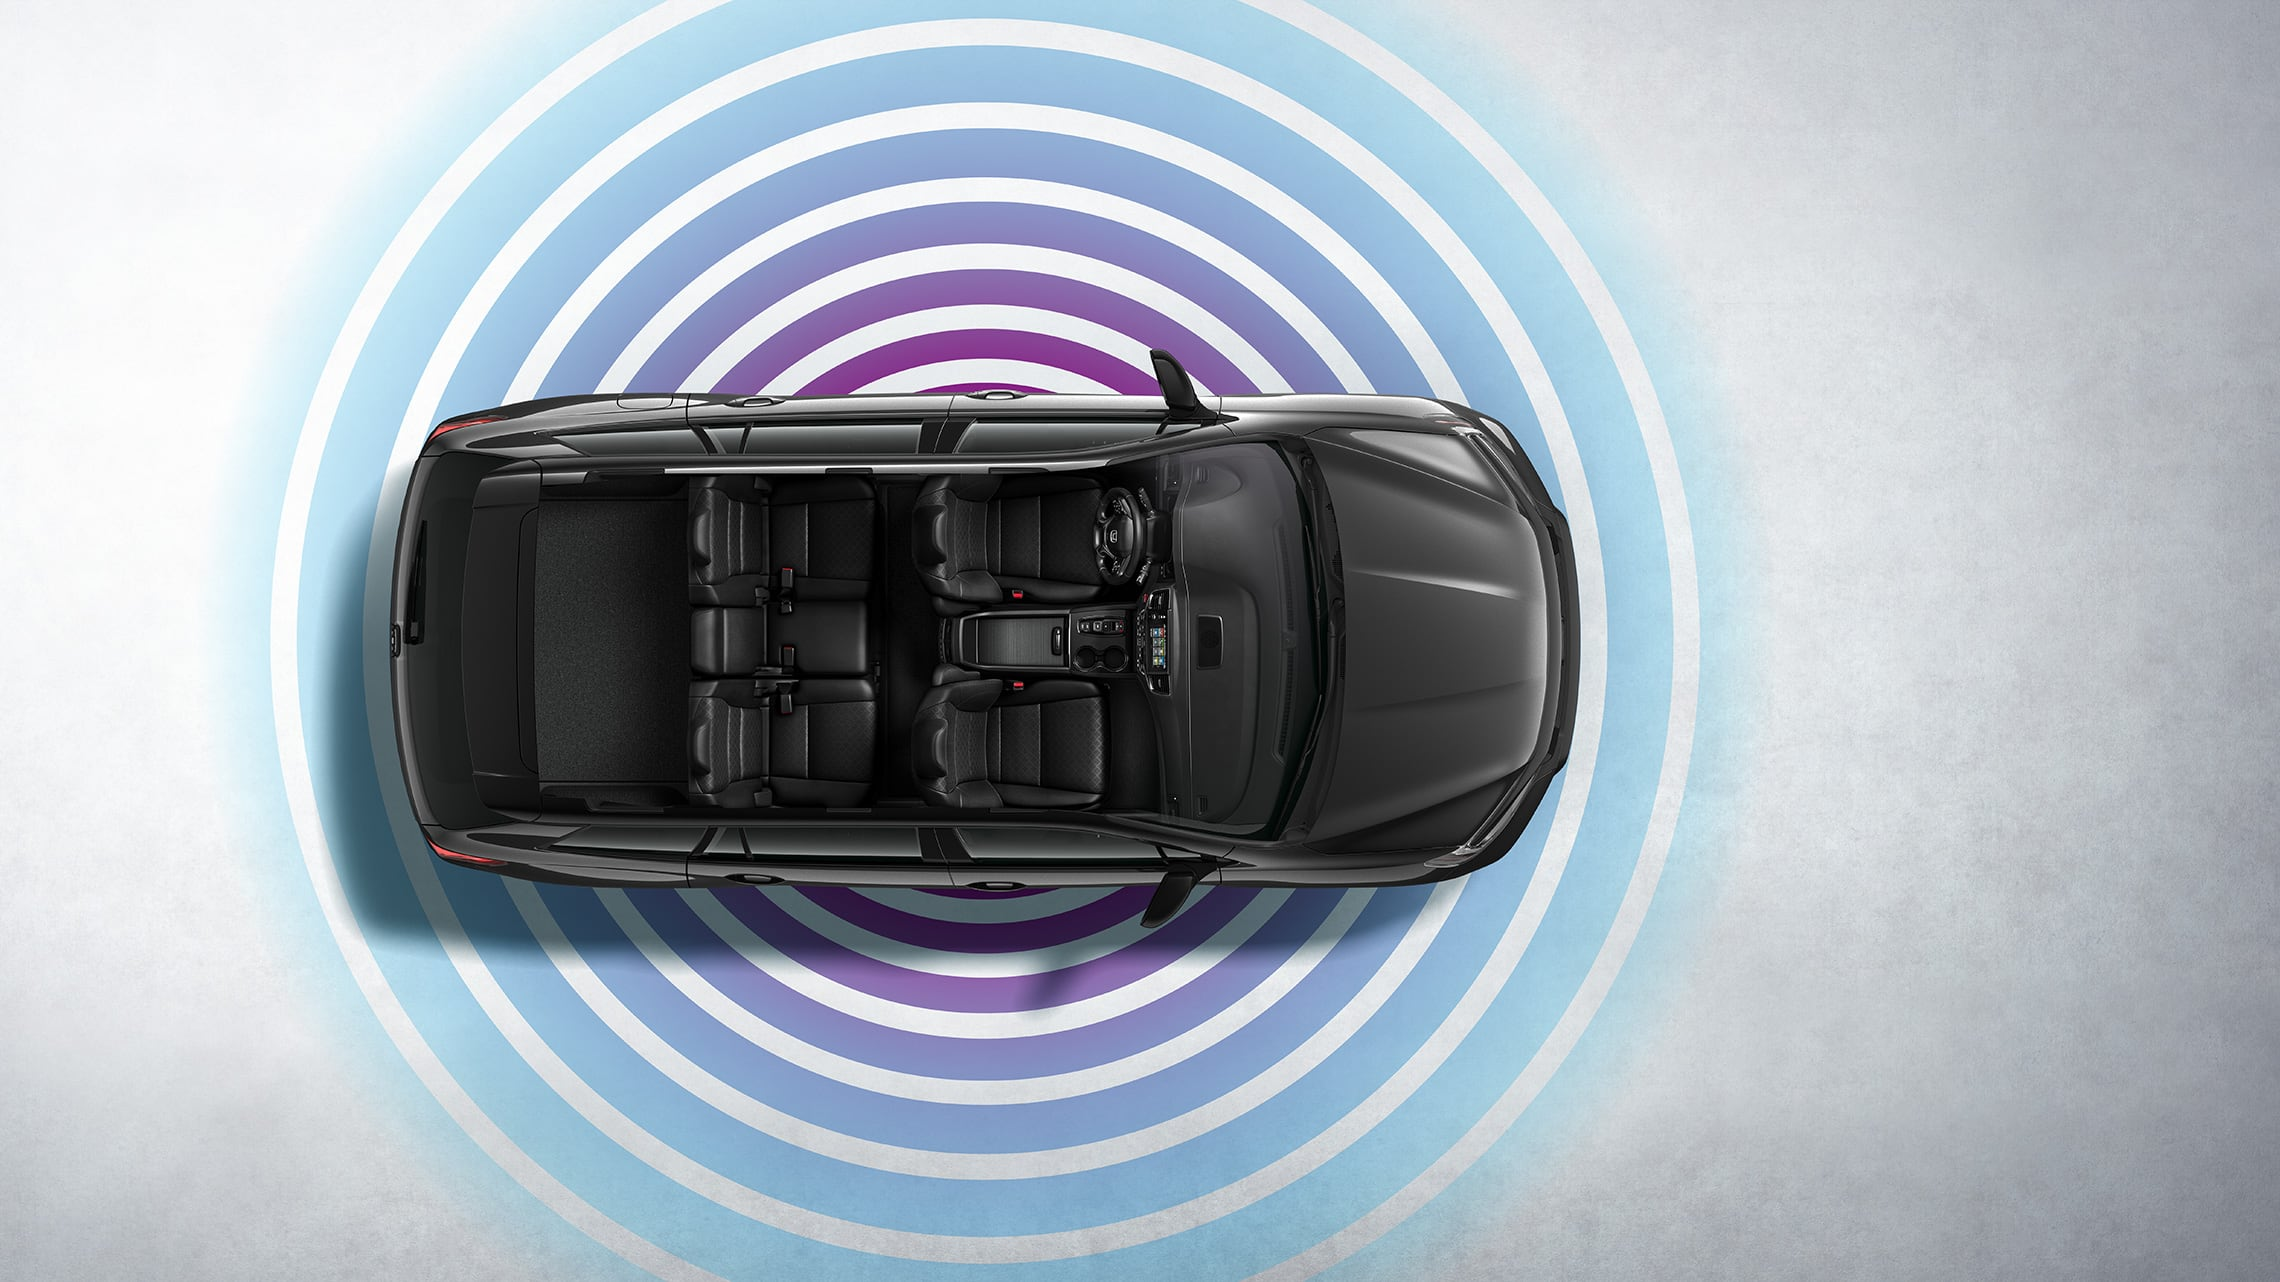 Vista aérea de la Honda Passport Elite2019 en Modern Steel Metallic que muestra la característica de compatibilidad con 4G.